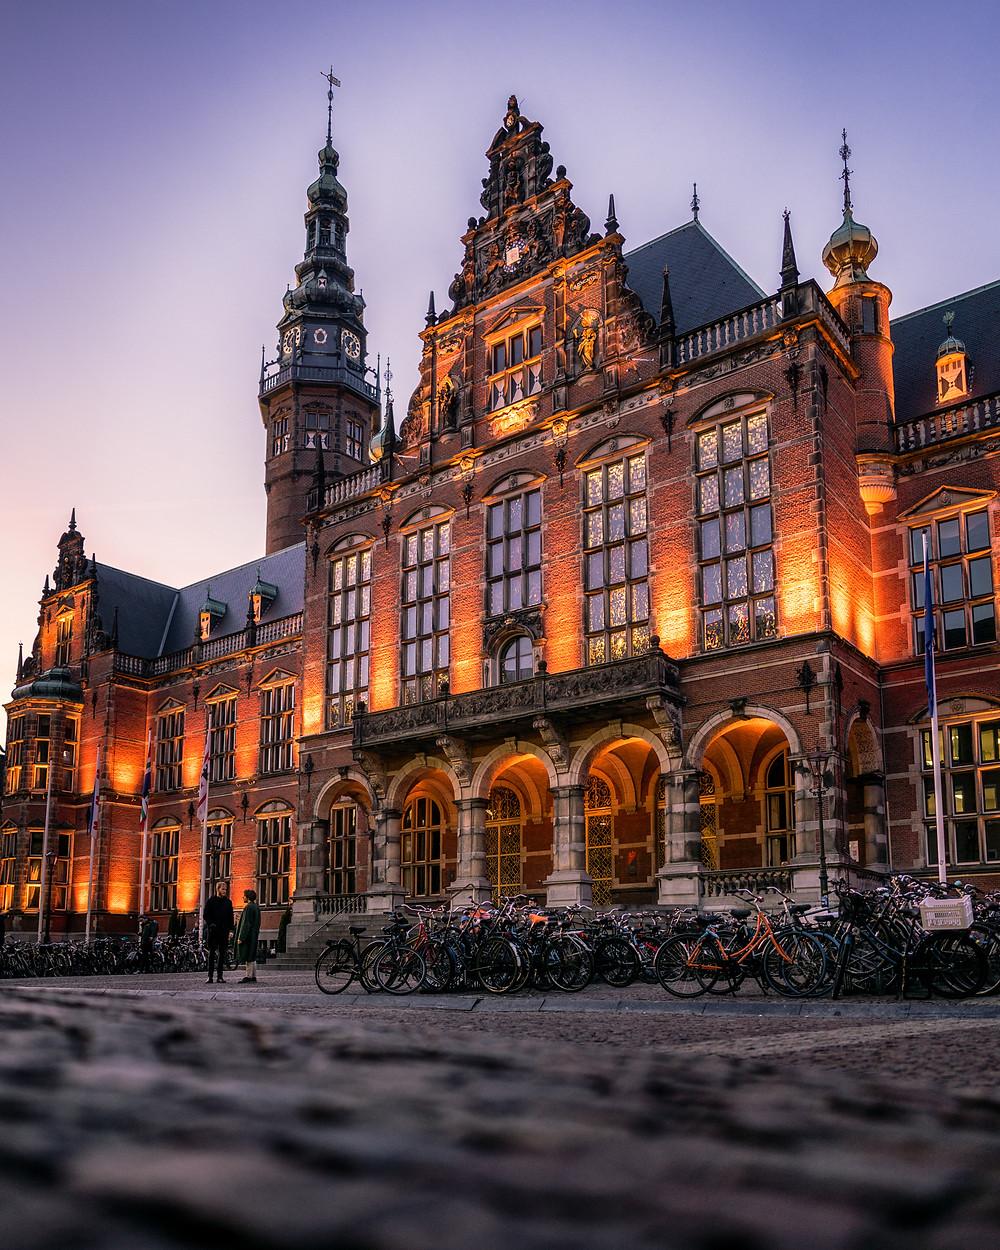 Academiegebouw Rijksuniversiteit Groningen, Academiegebouw, Rijksuniversiteit, Groningen, RUG